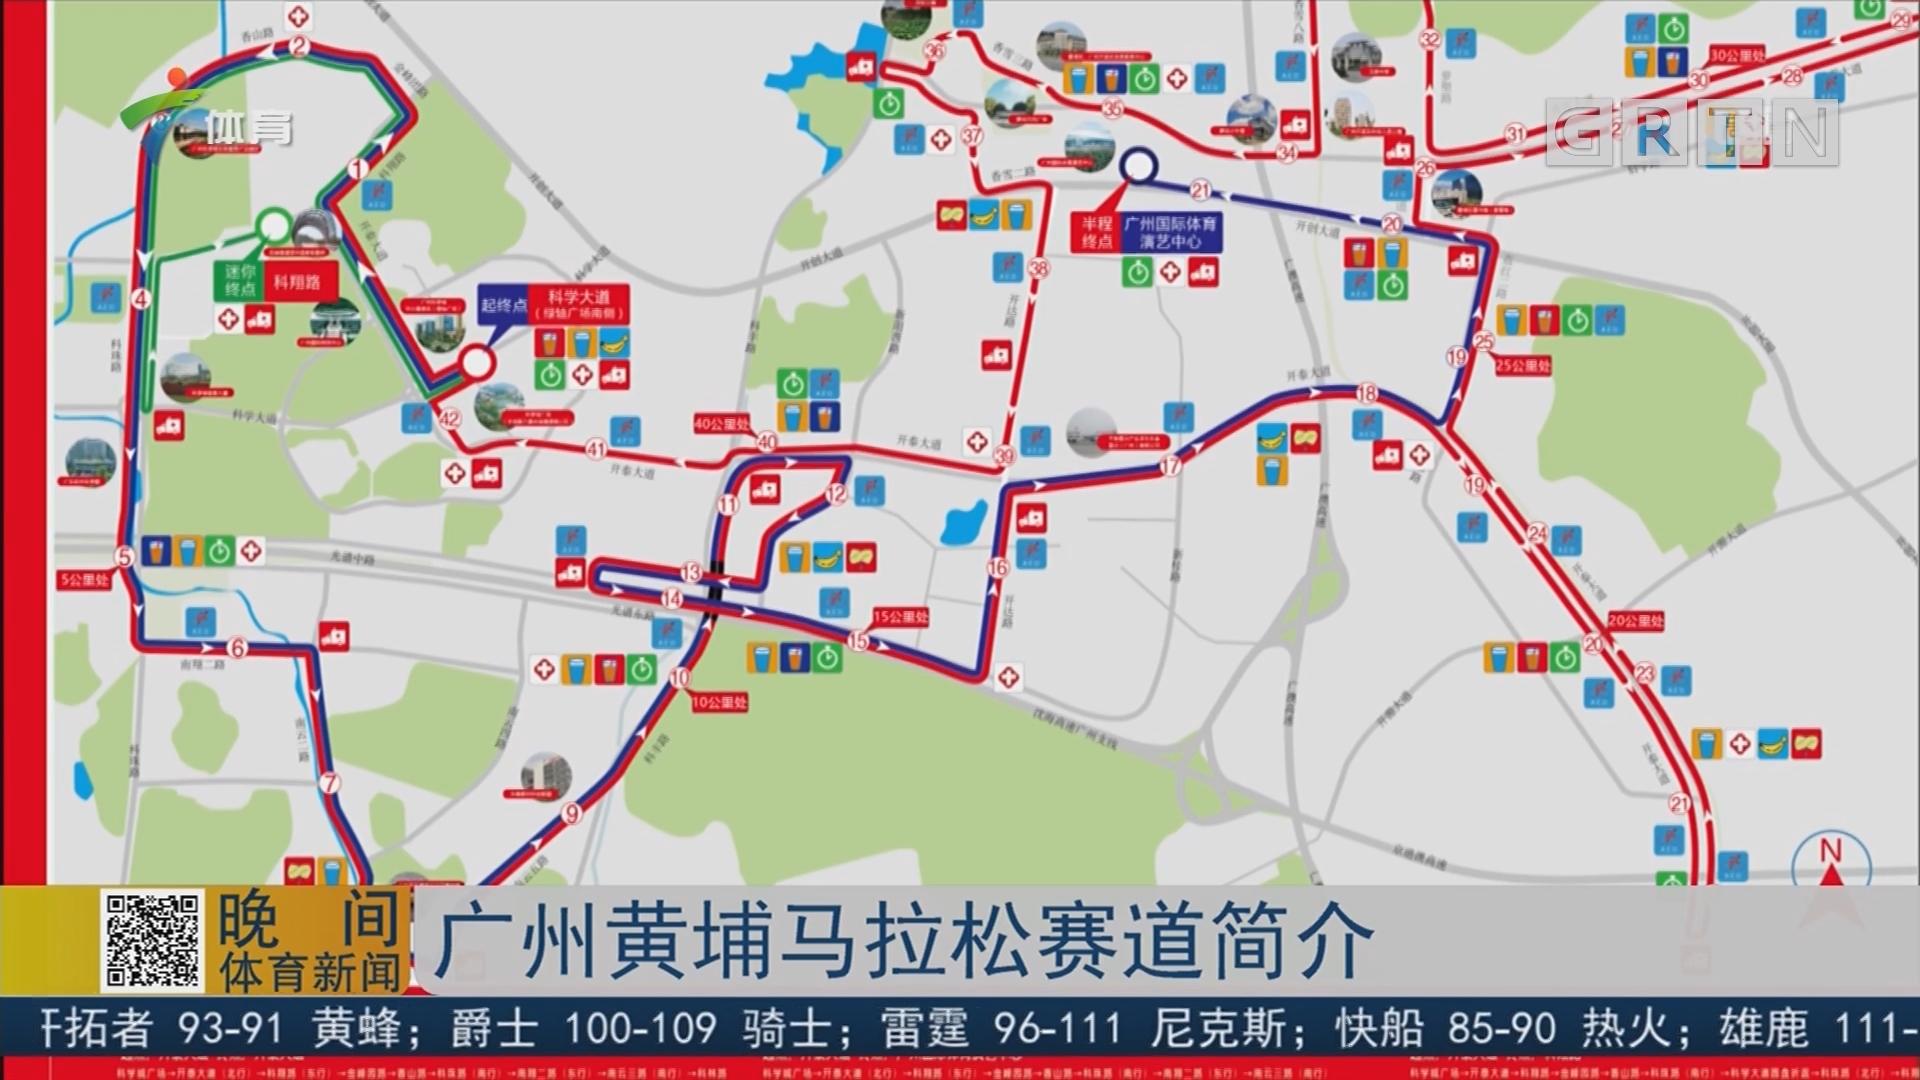 广州黄埔马拉松赛道简介